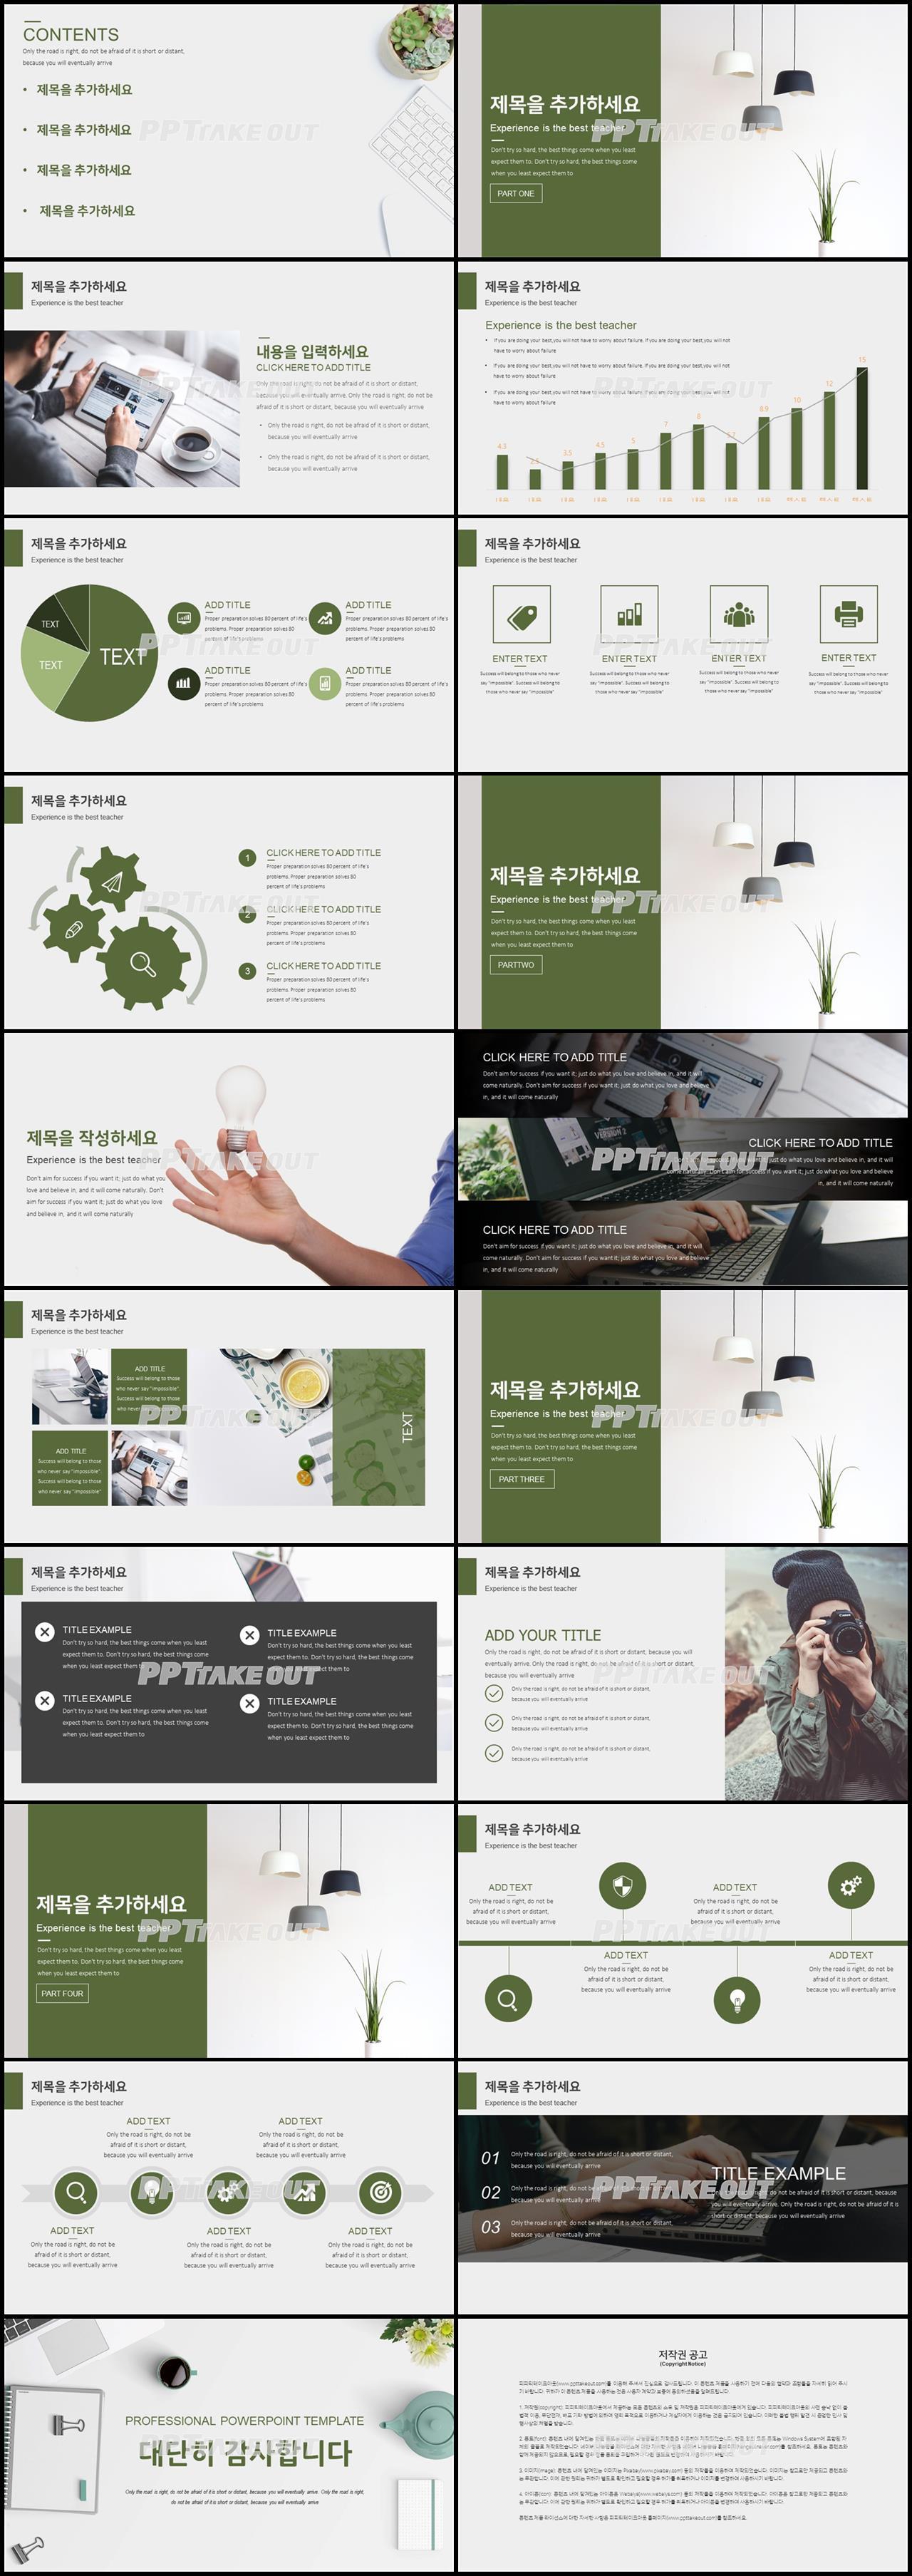 업무보고 녹색 정결한 다양한 주제에 어울리는 파워포인트테마 디자인 상세보기